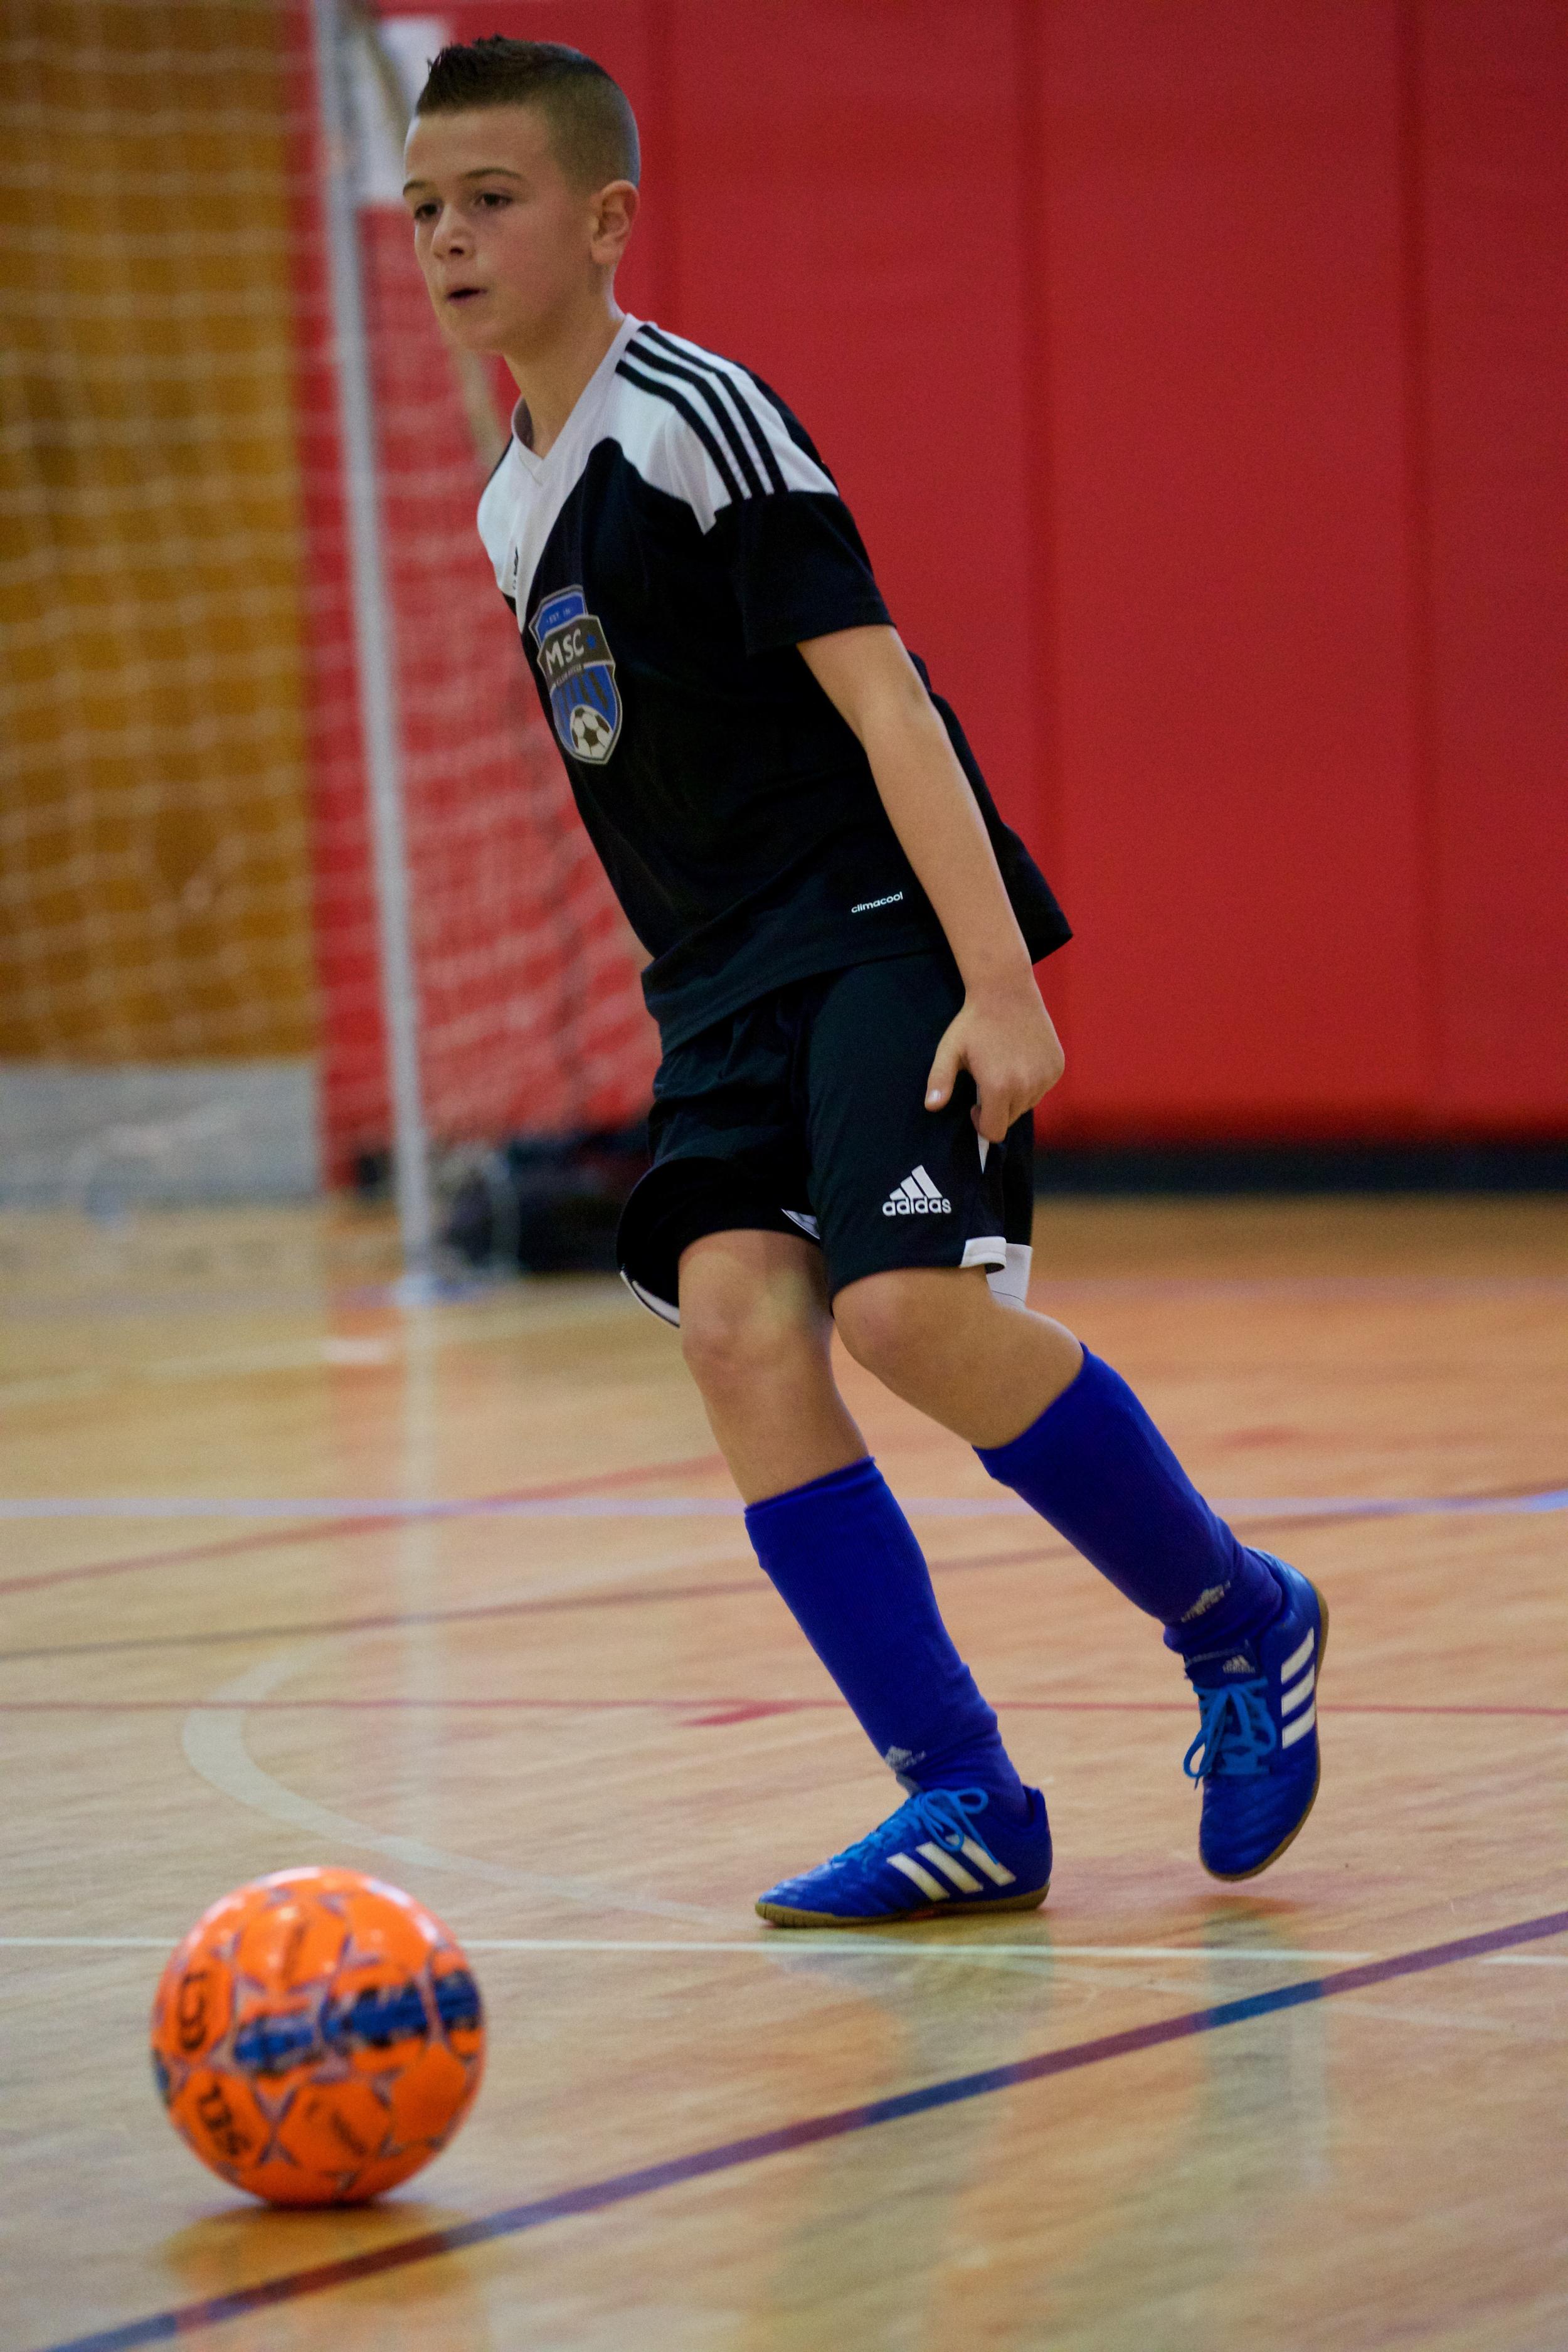 soccer 2 (17 of 31).jpg